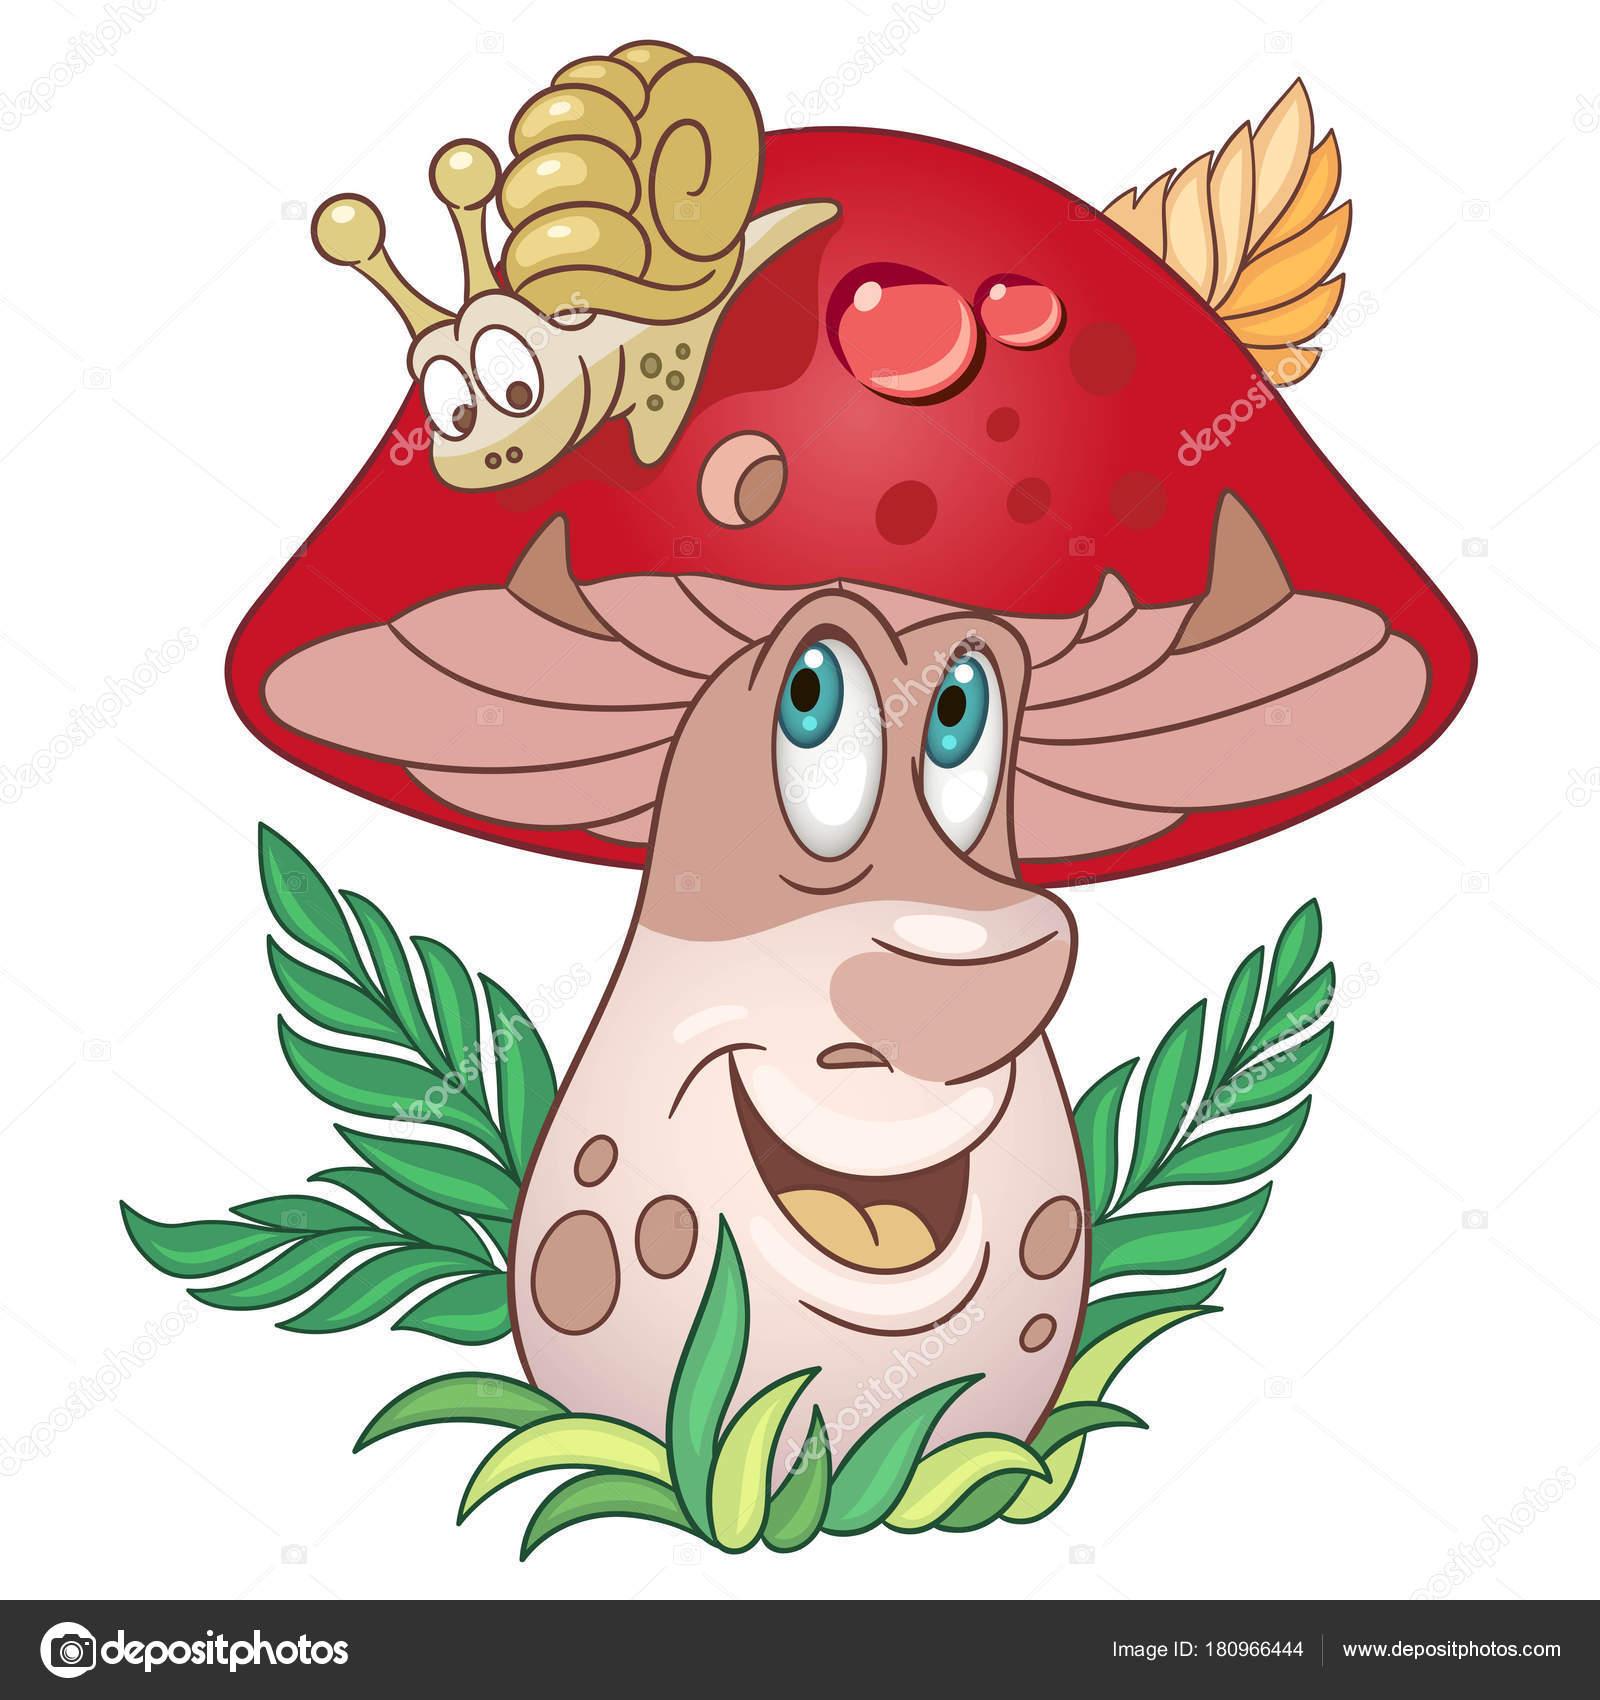 Kreslen houby porcini h bky stock vektor sybirko for Fungo da colorare per bambini